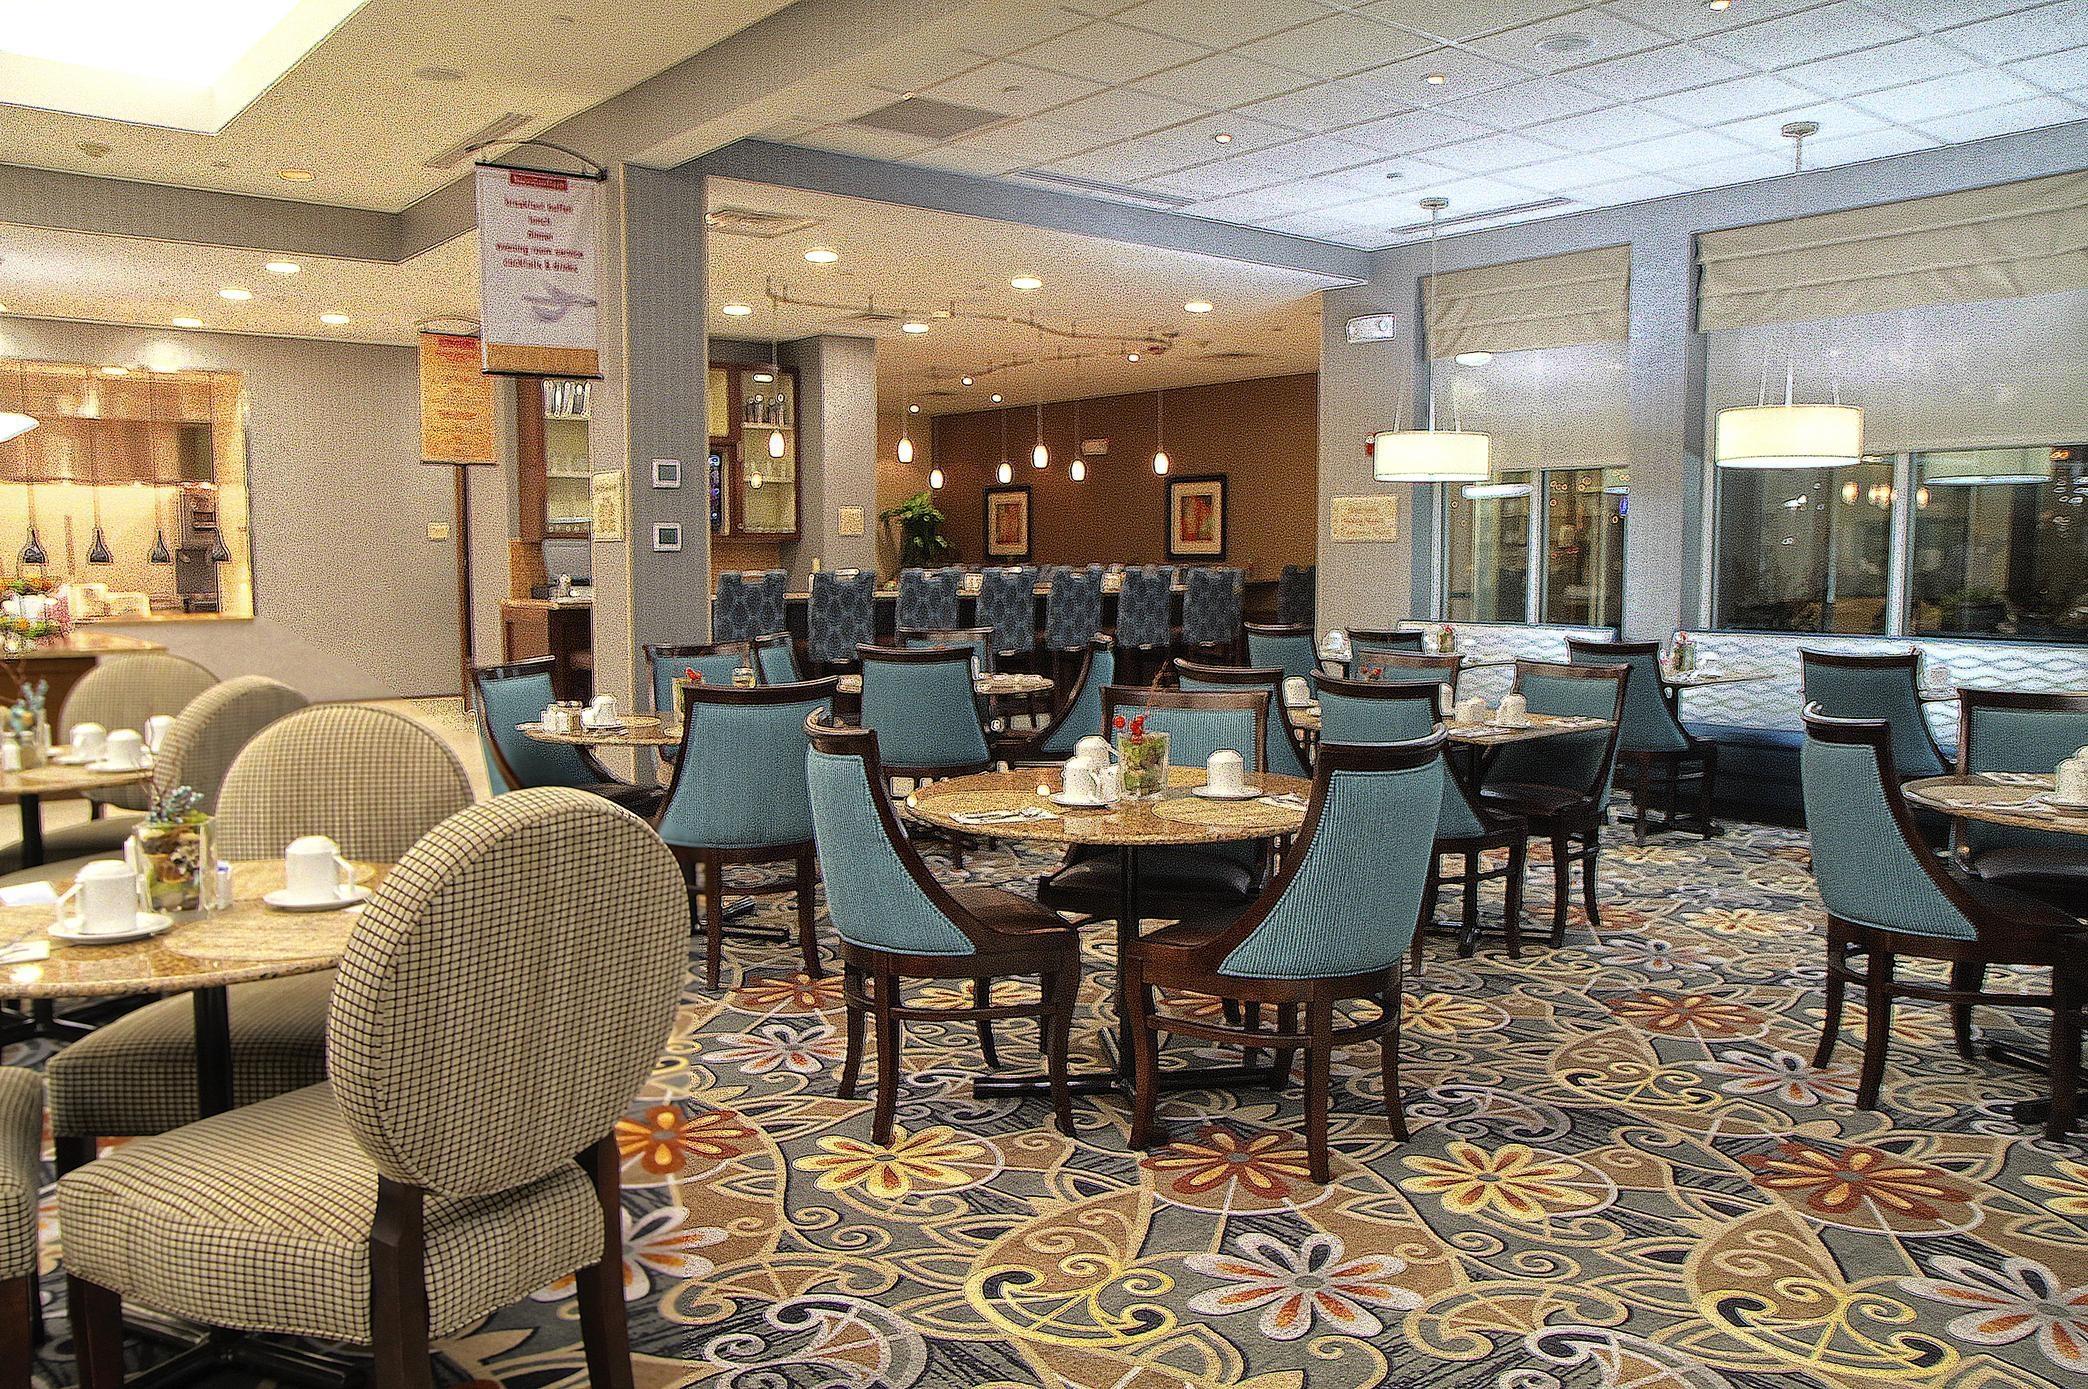 Hilton Garden Inn Tulsa Midtown image 2